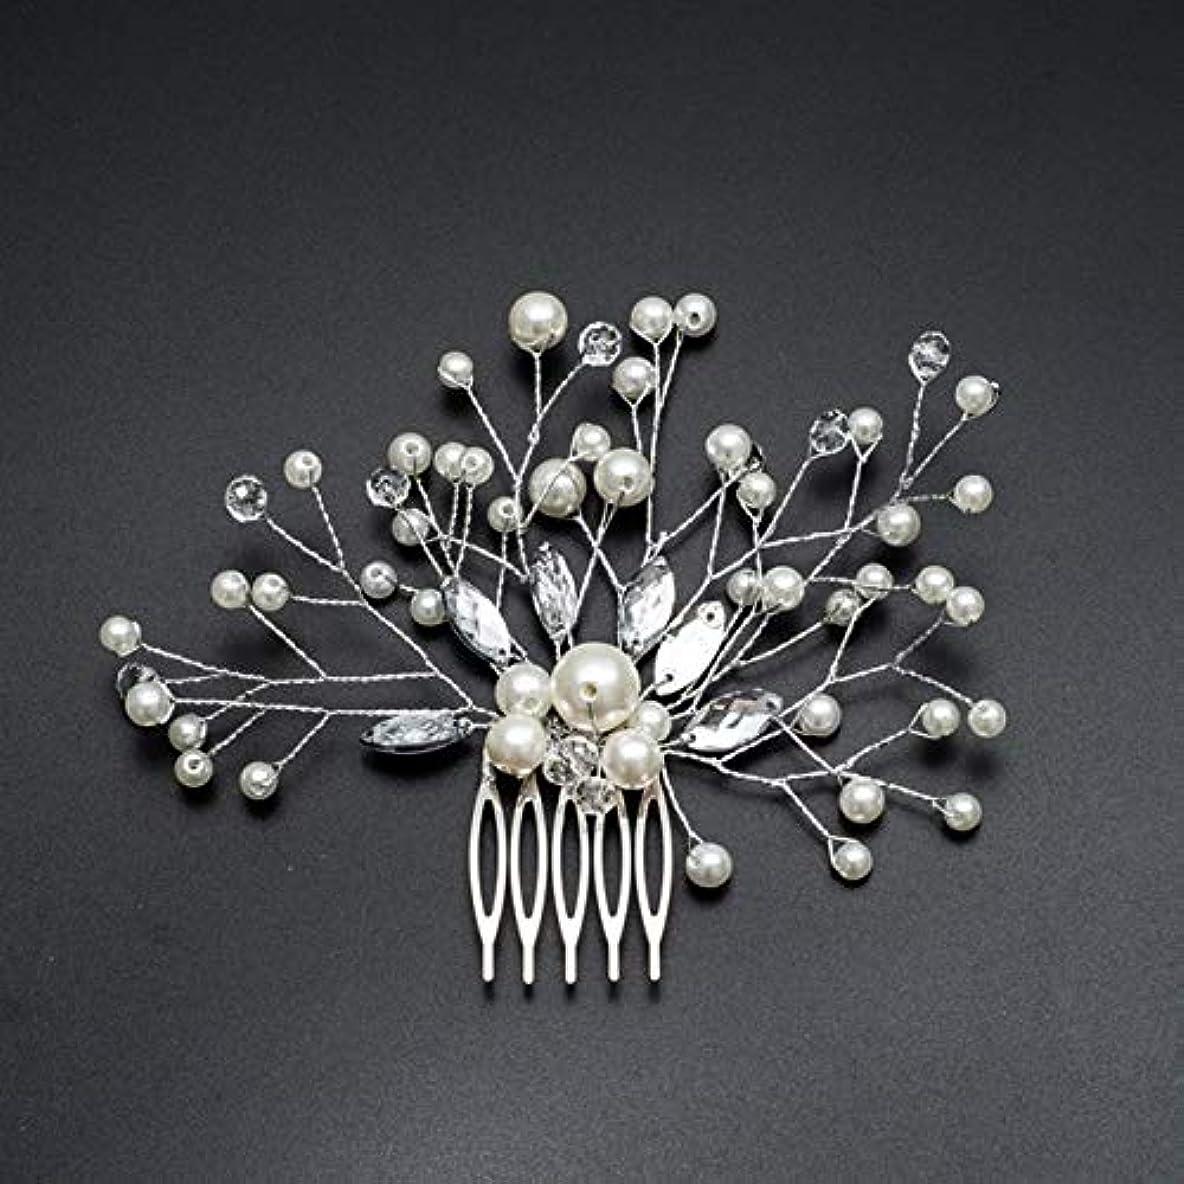 マイルブッシュ市町村Hairpinheair YHMパール女性のヘアコーム結婚式のヘアアクセサリーヘアピンラインストーンティアラブライダルクリップクリスタルクラウン花嫁の髪の宝石類(シルバー) (色 : Silver)